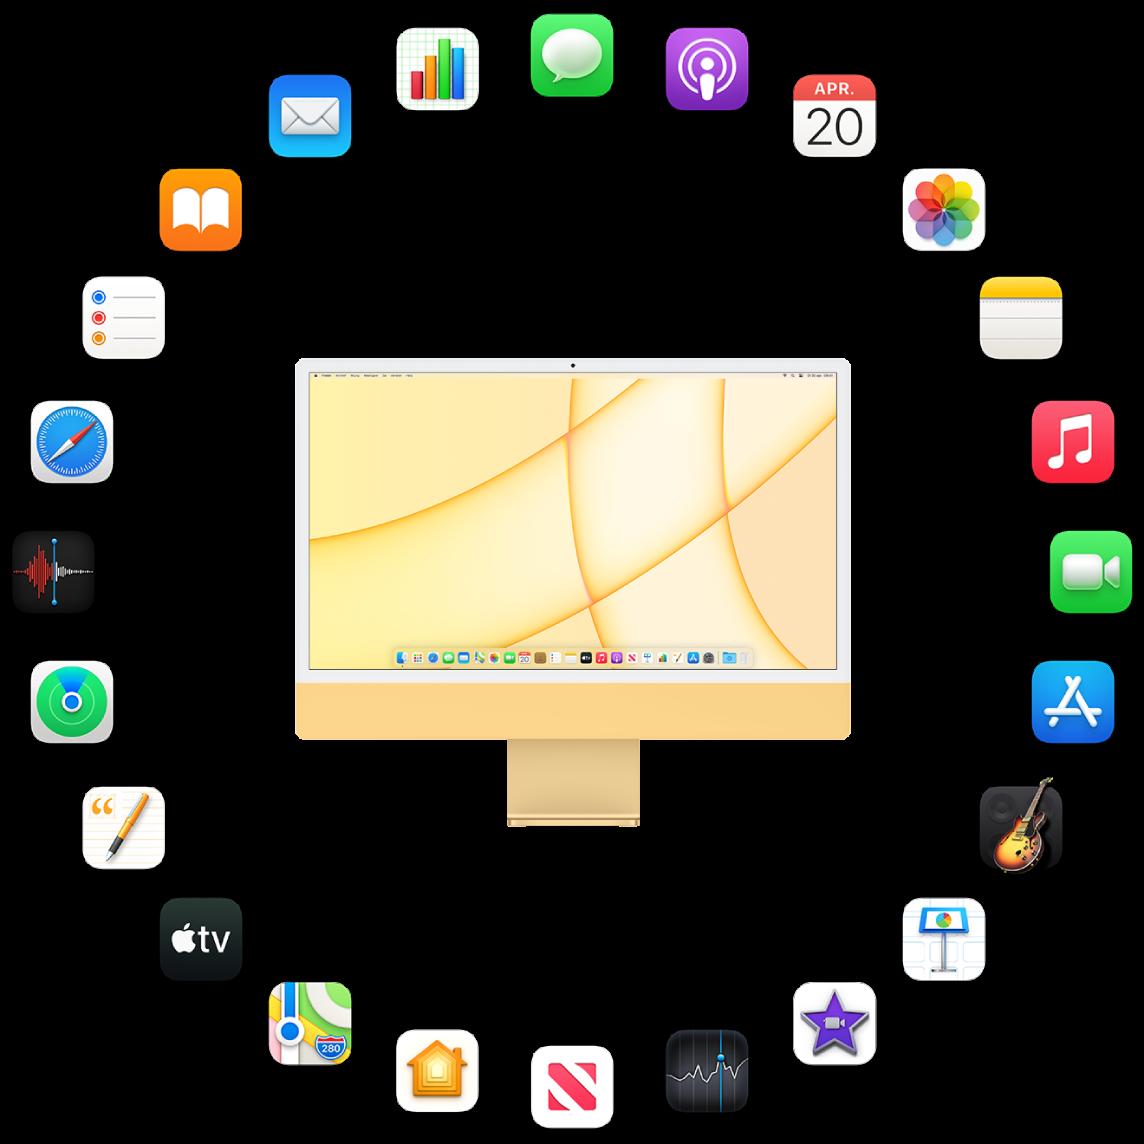 Een iMac omringd door de symbolen voor de apps die standaard worden meegeleverd en die hierna worden beschreven.